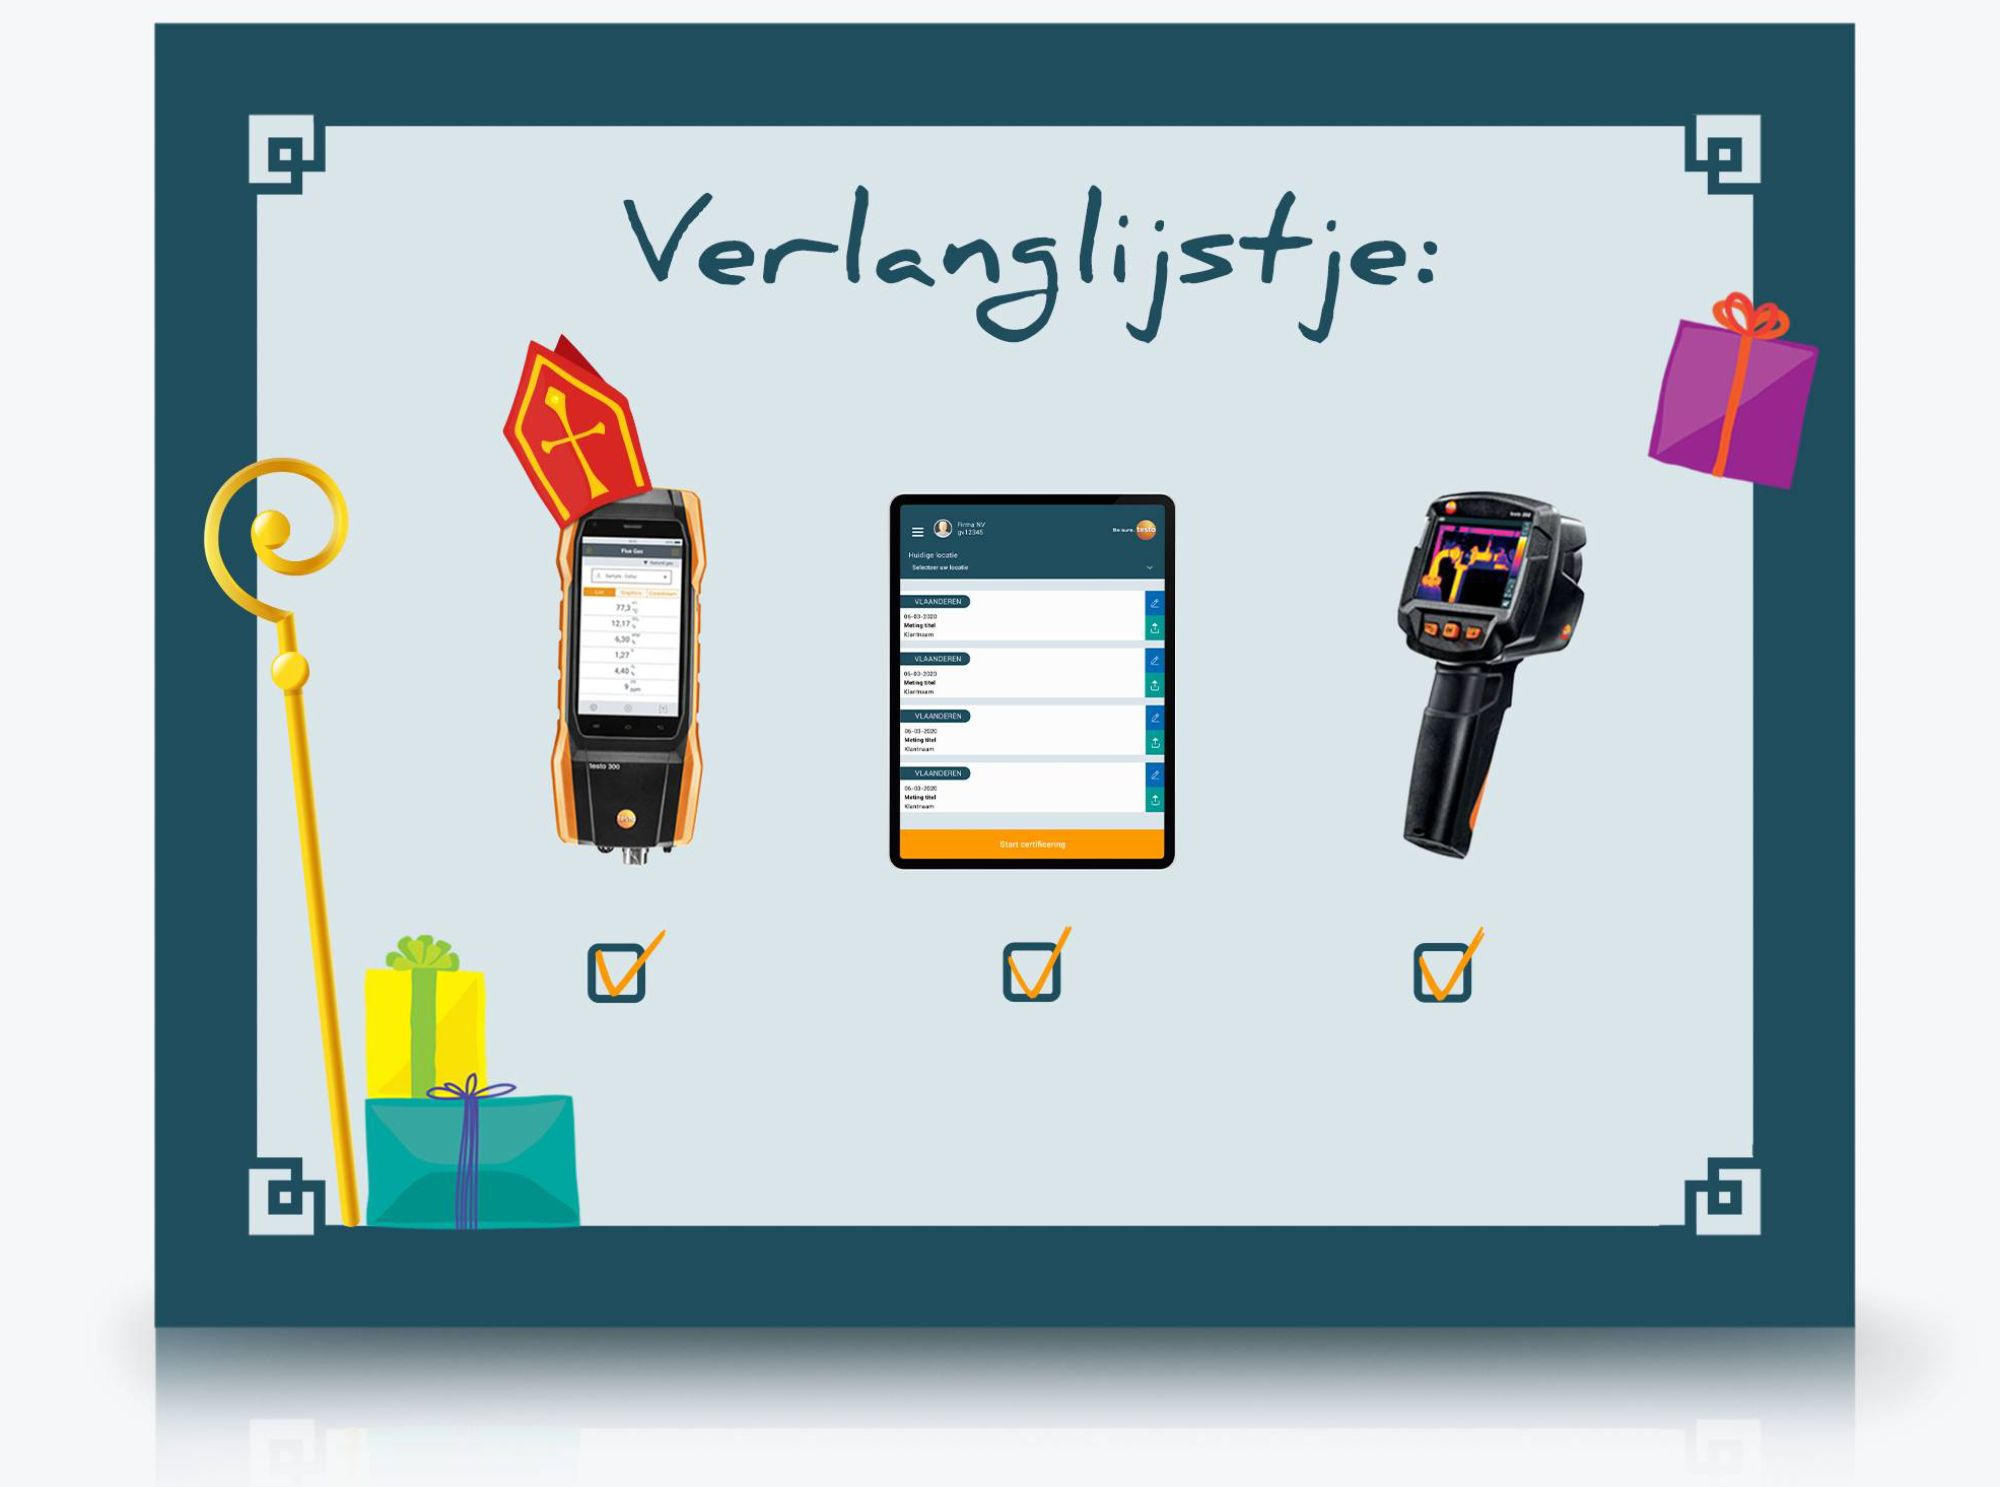 verlanglijstje-website-NL.jpg